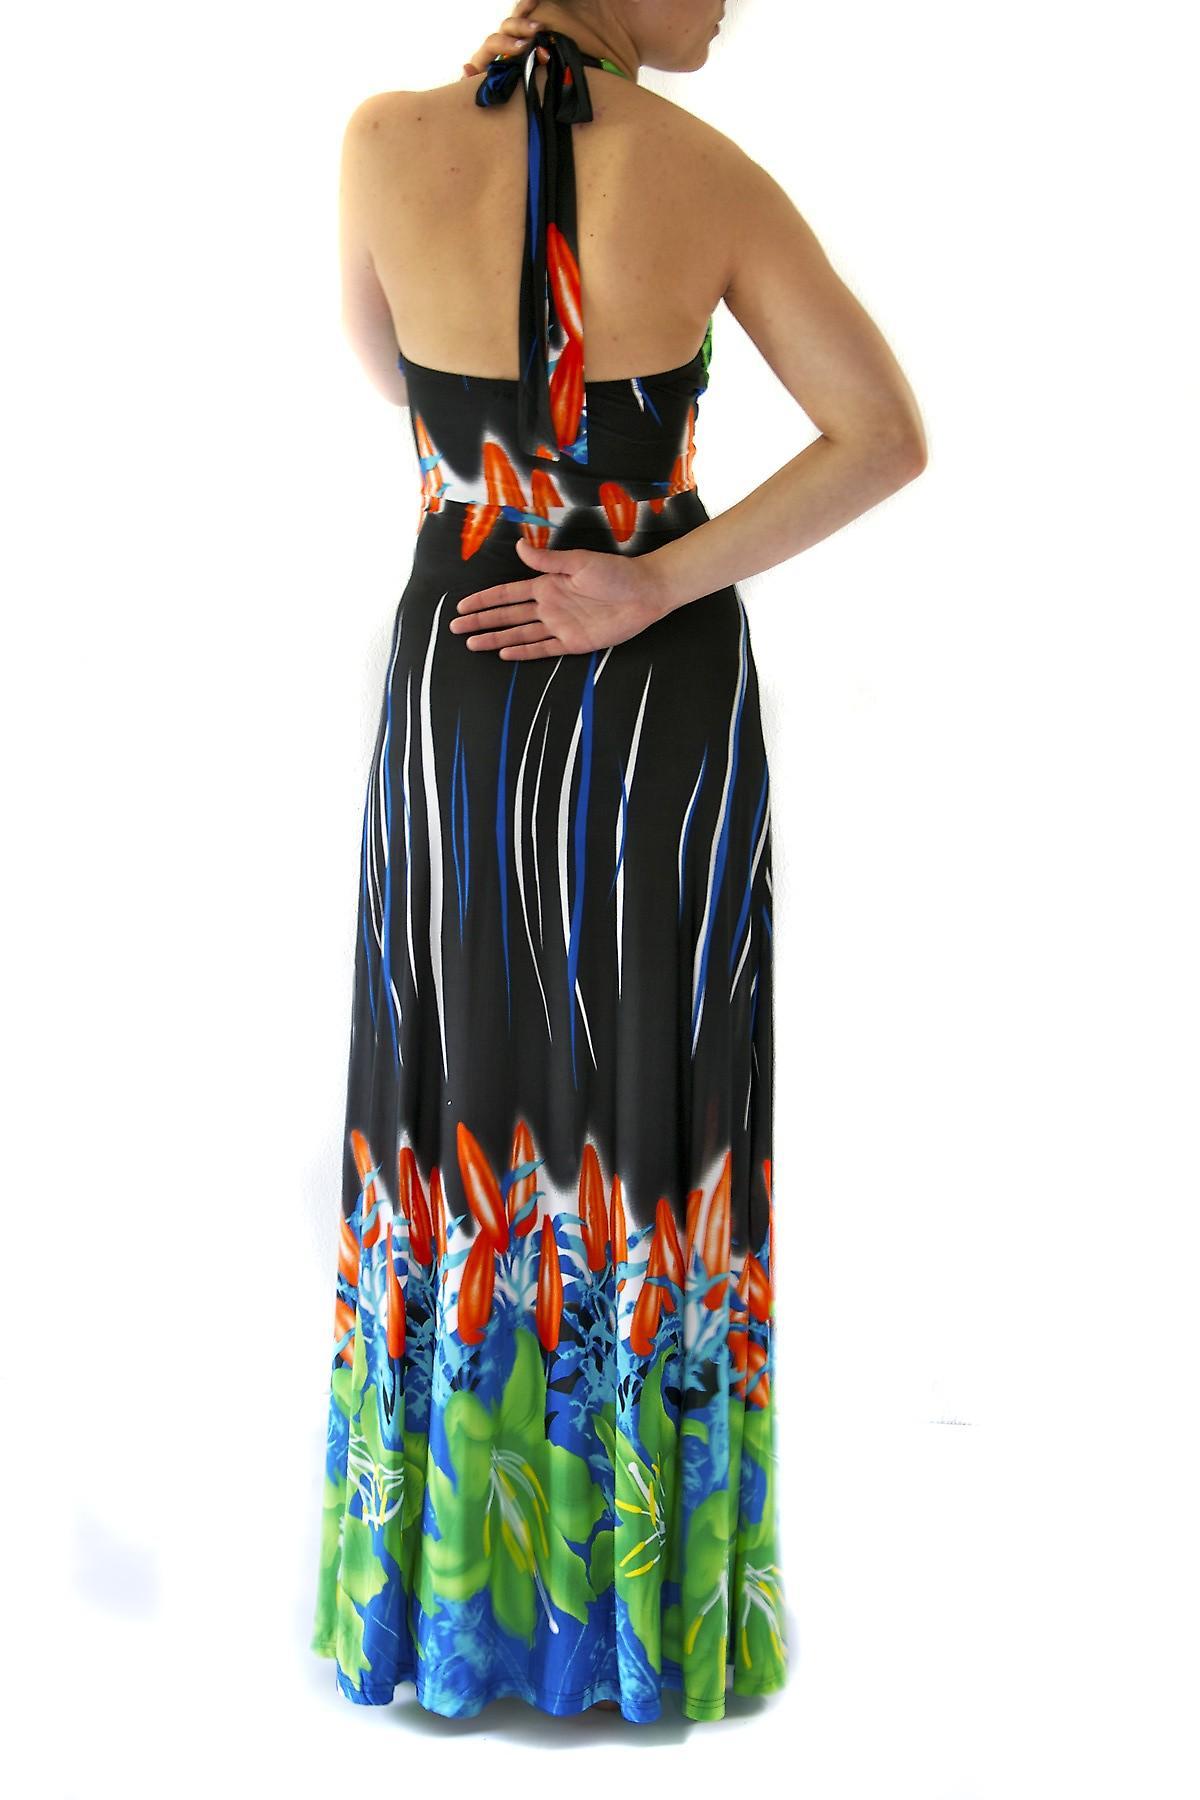 Waooh - Mode - Robe longue Scarlett sertie de pierres